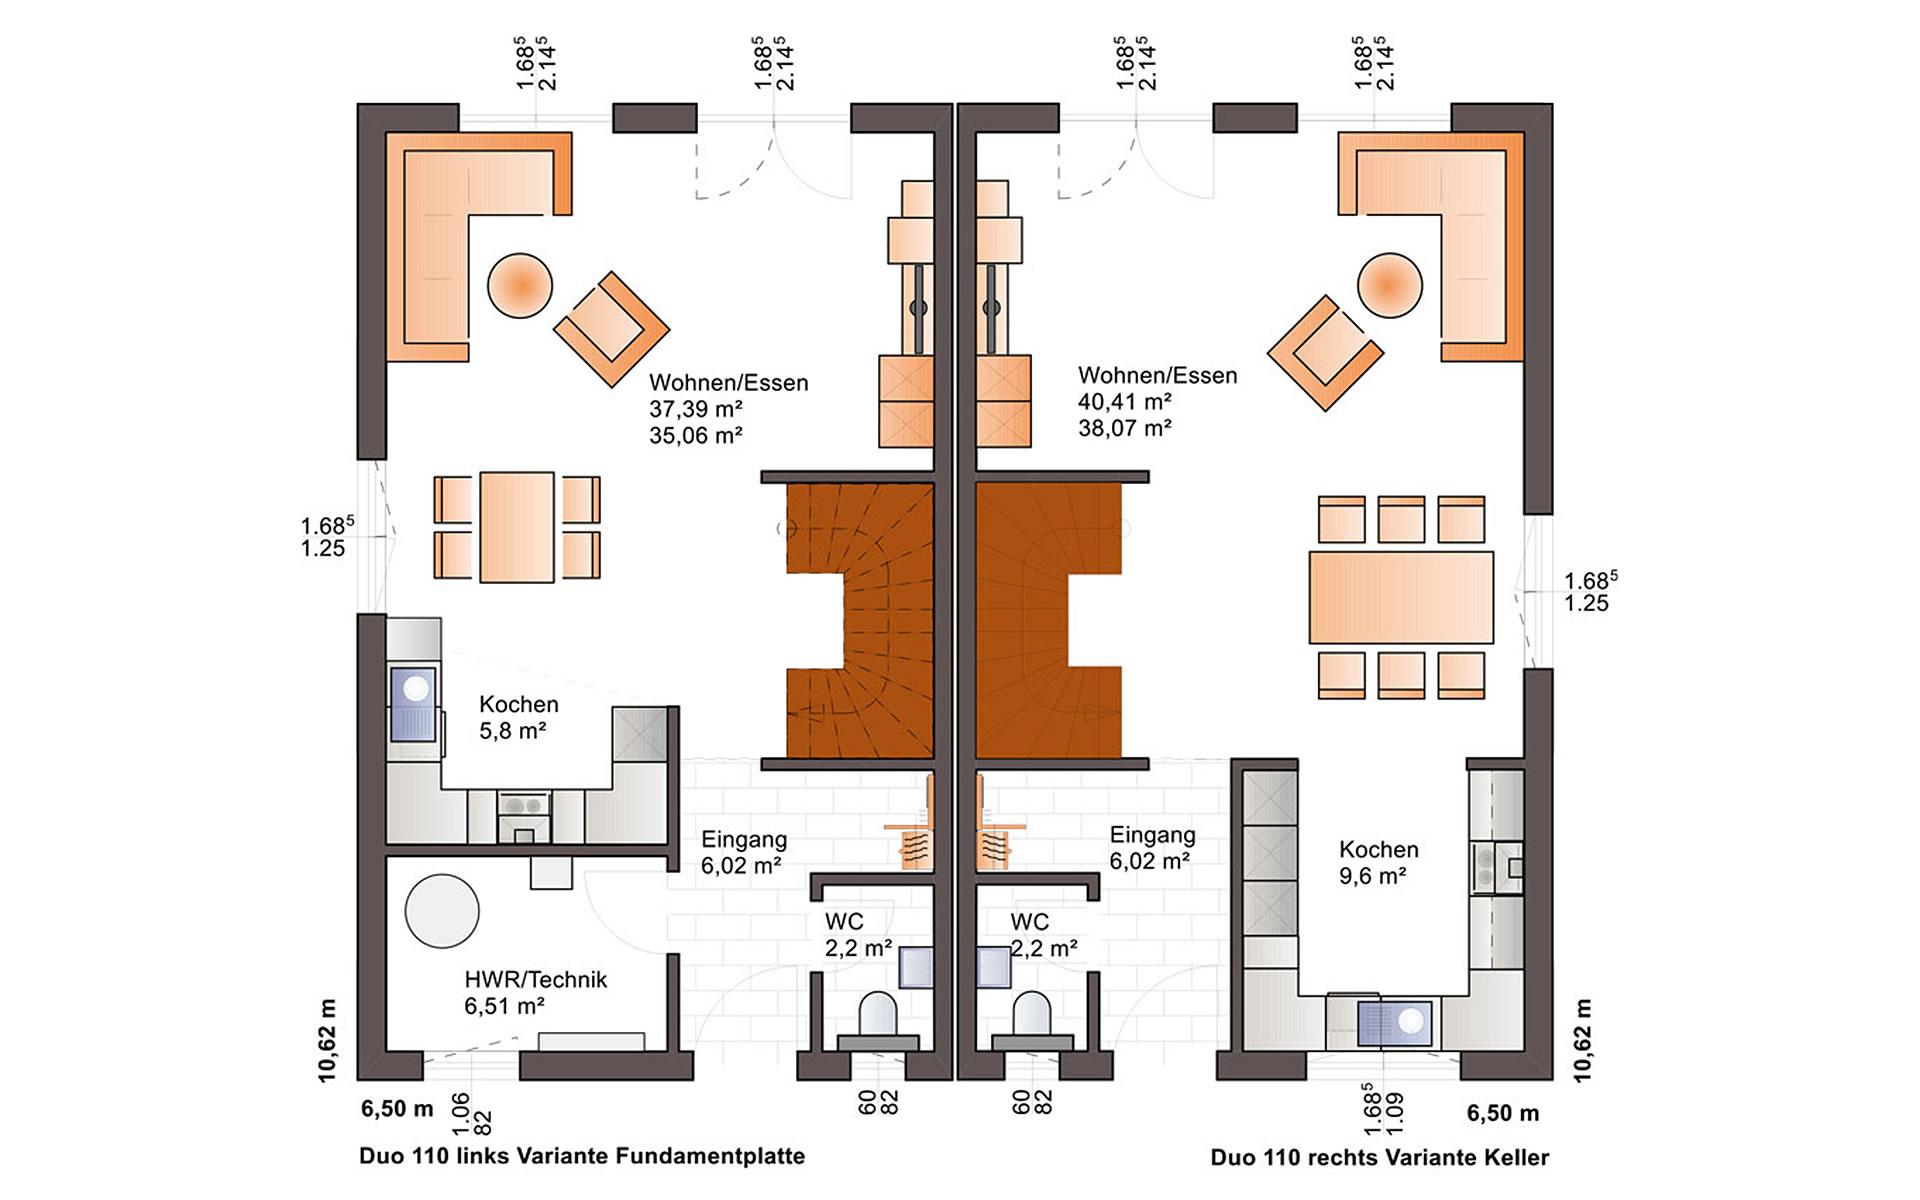 Erdgeschoss Duo 110 von Bärenhaus - das fertige Haus GmbH